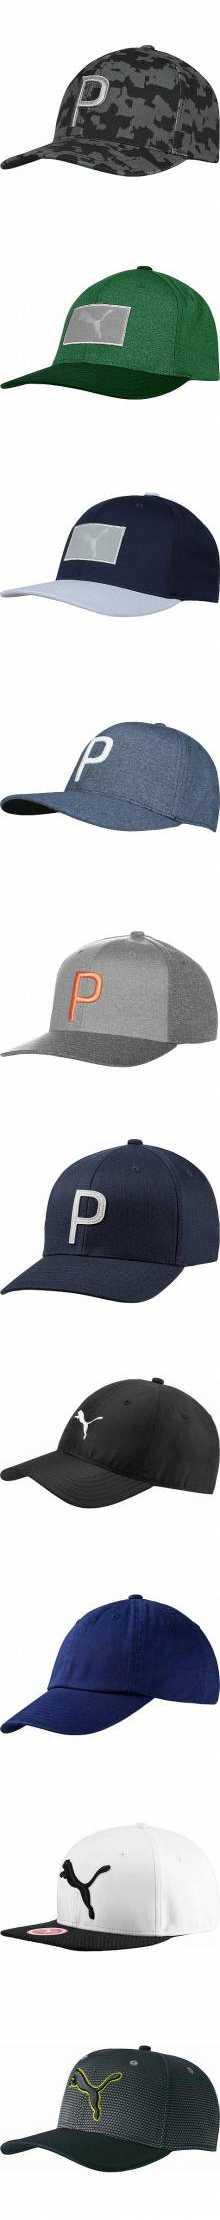 03cc35b172eeb Puma  GoTime Snapback Adjustable Golf Hats - ON SALE